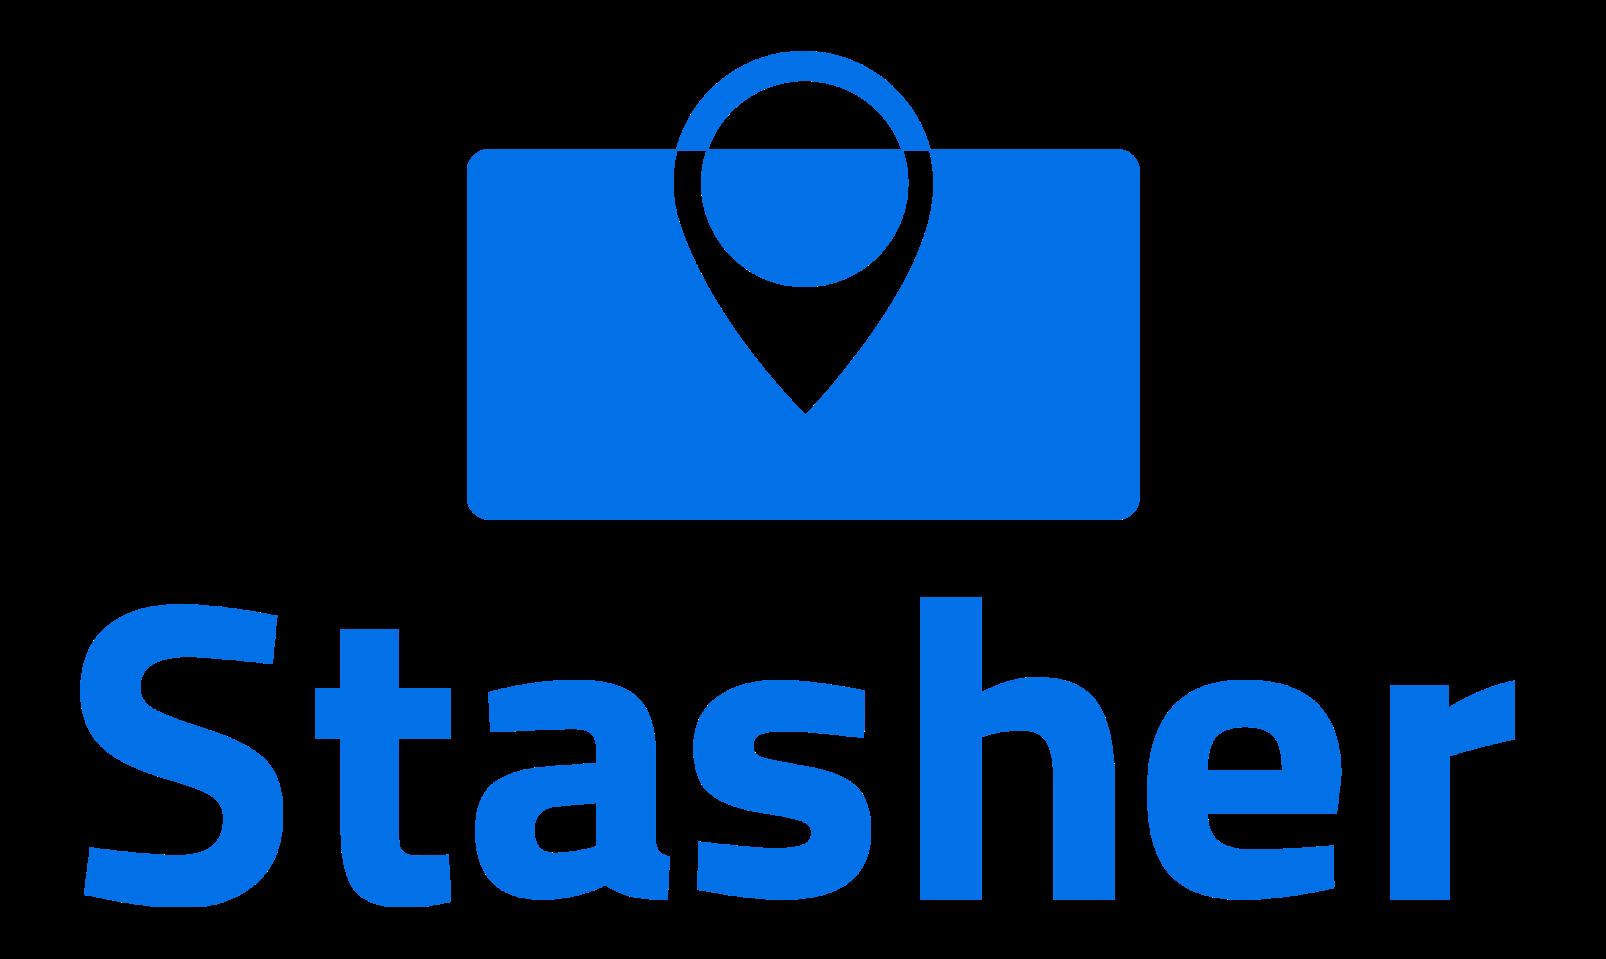 stasher.com